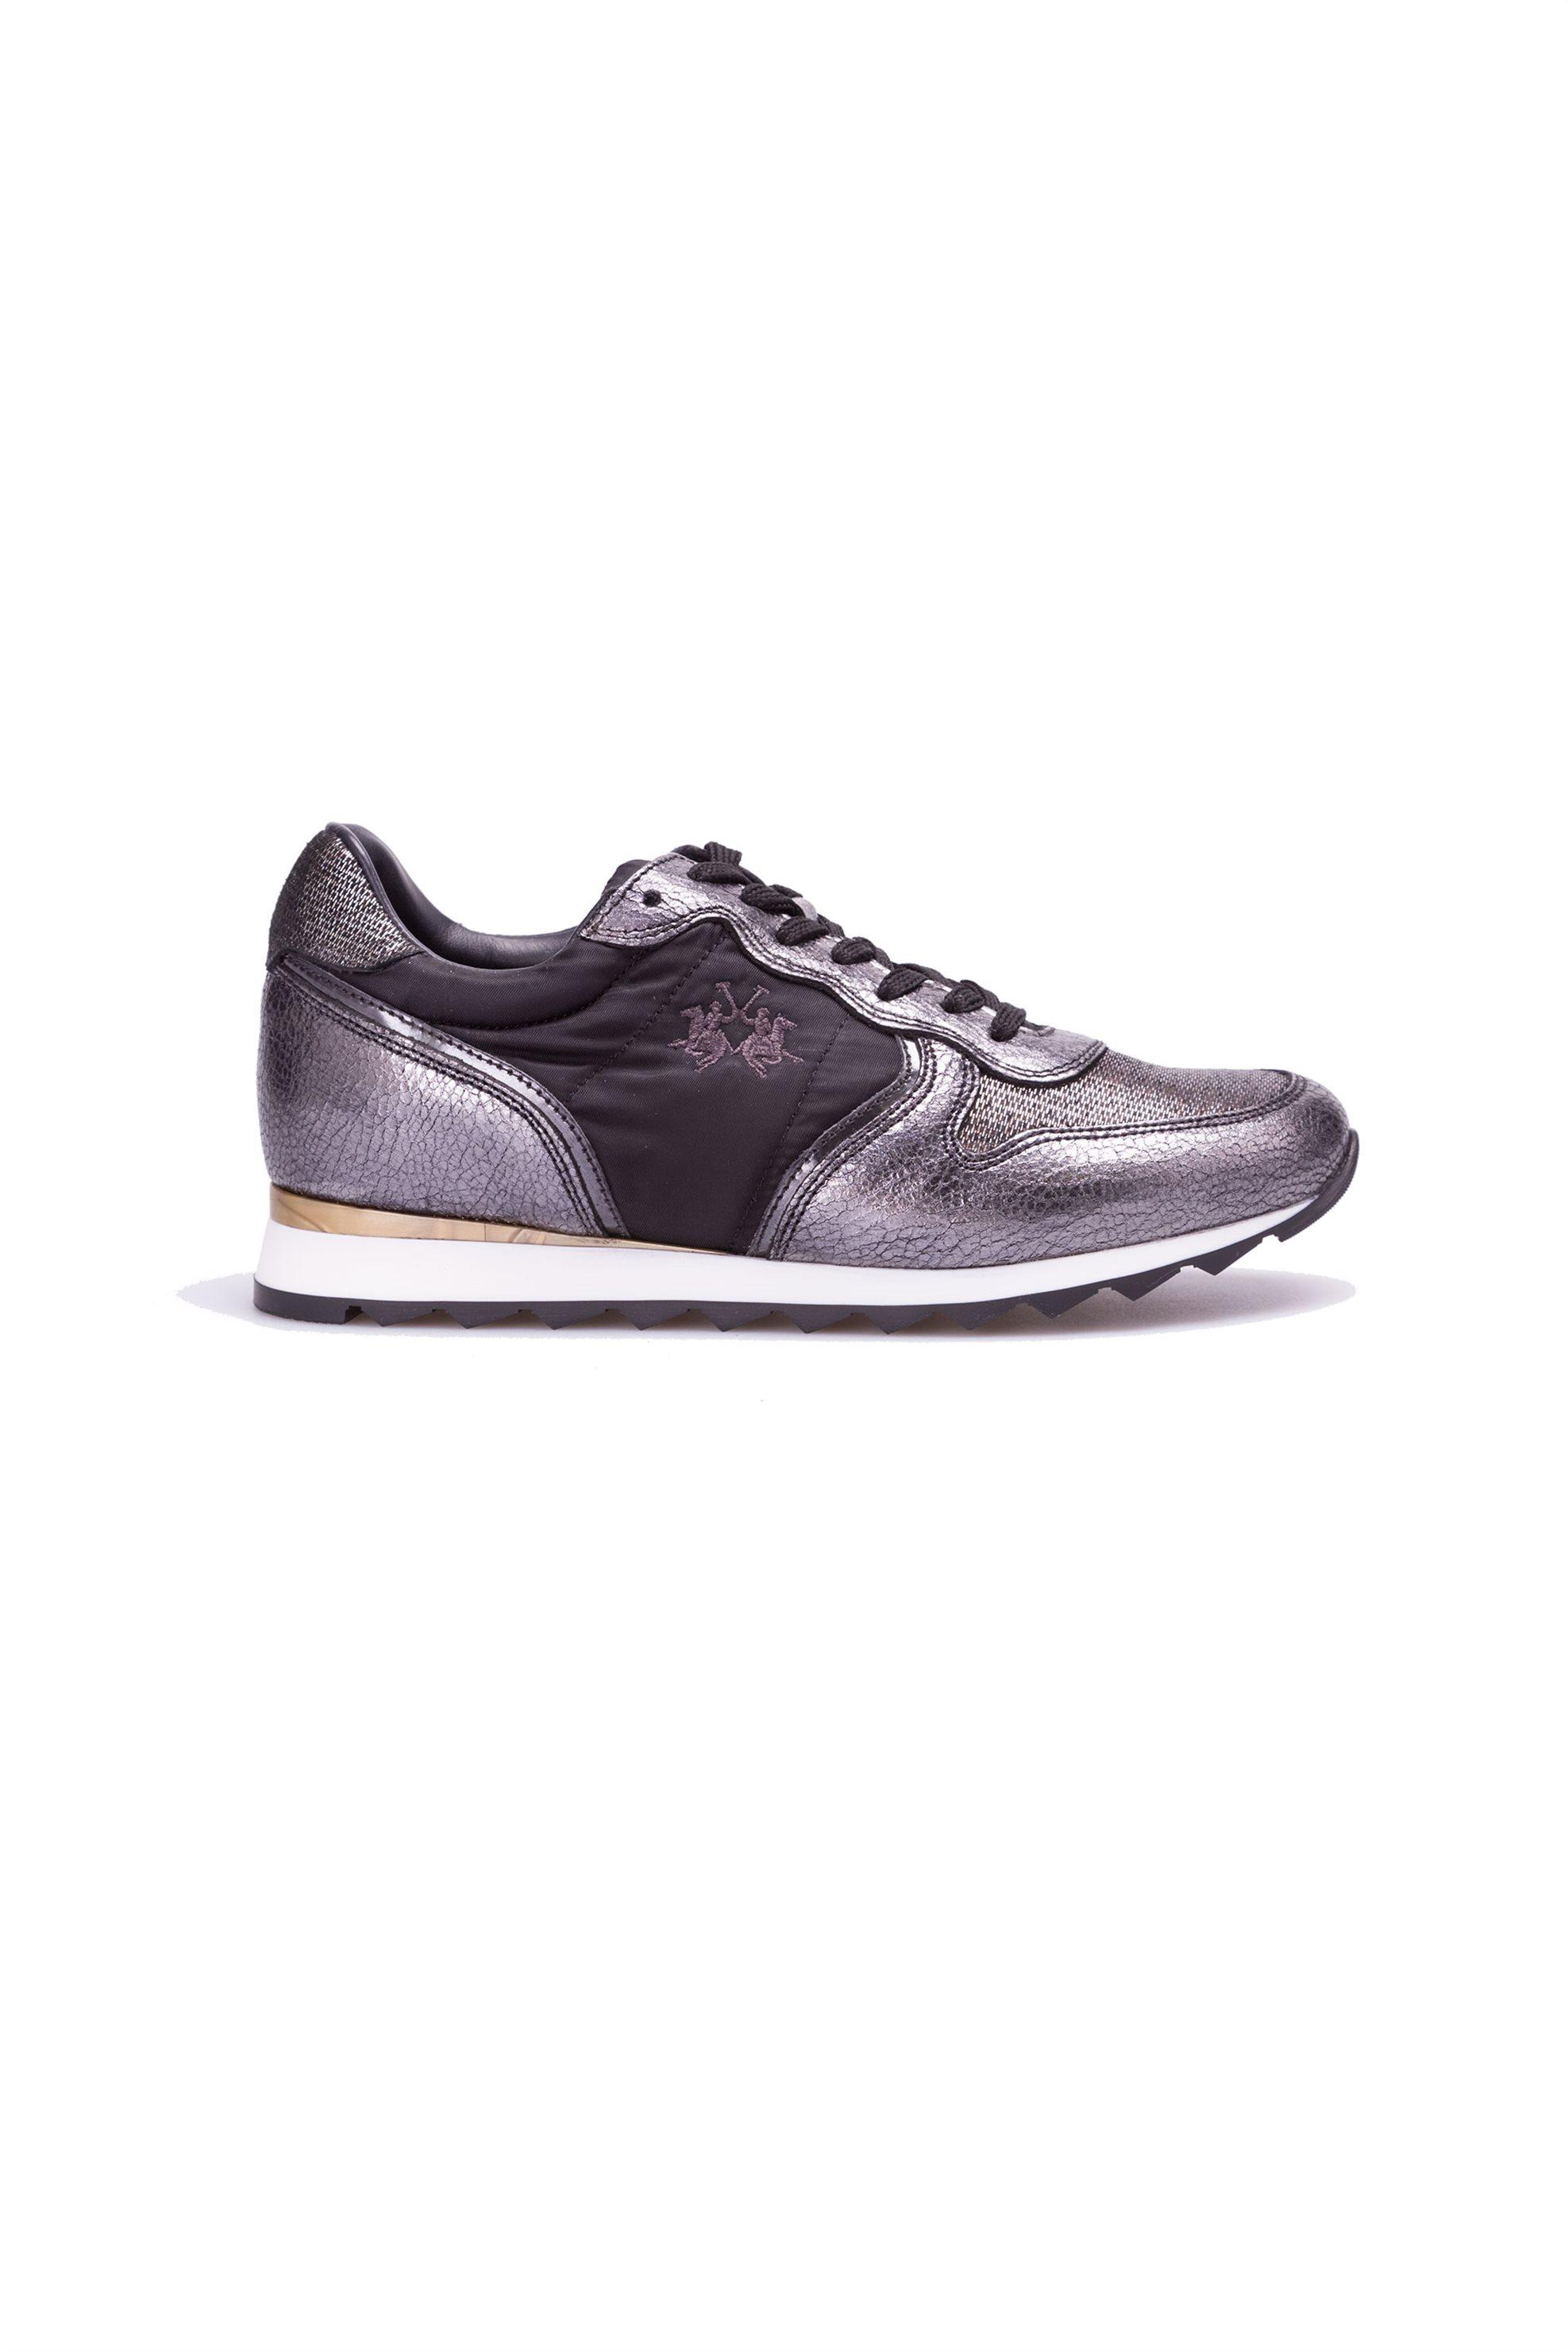 Γυναικεία παπούτσια La Martina – L4140241 – Ασημί